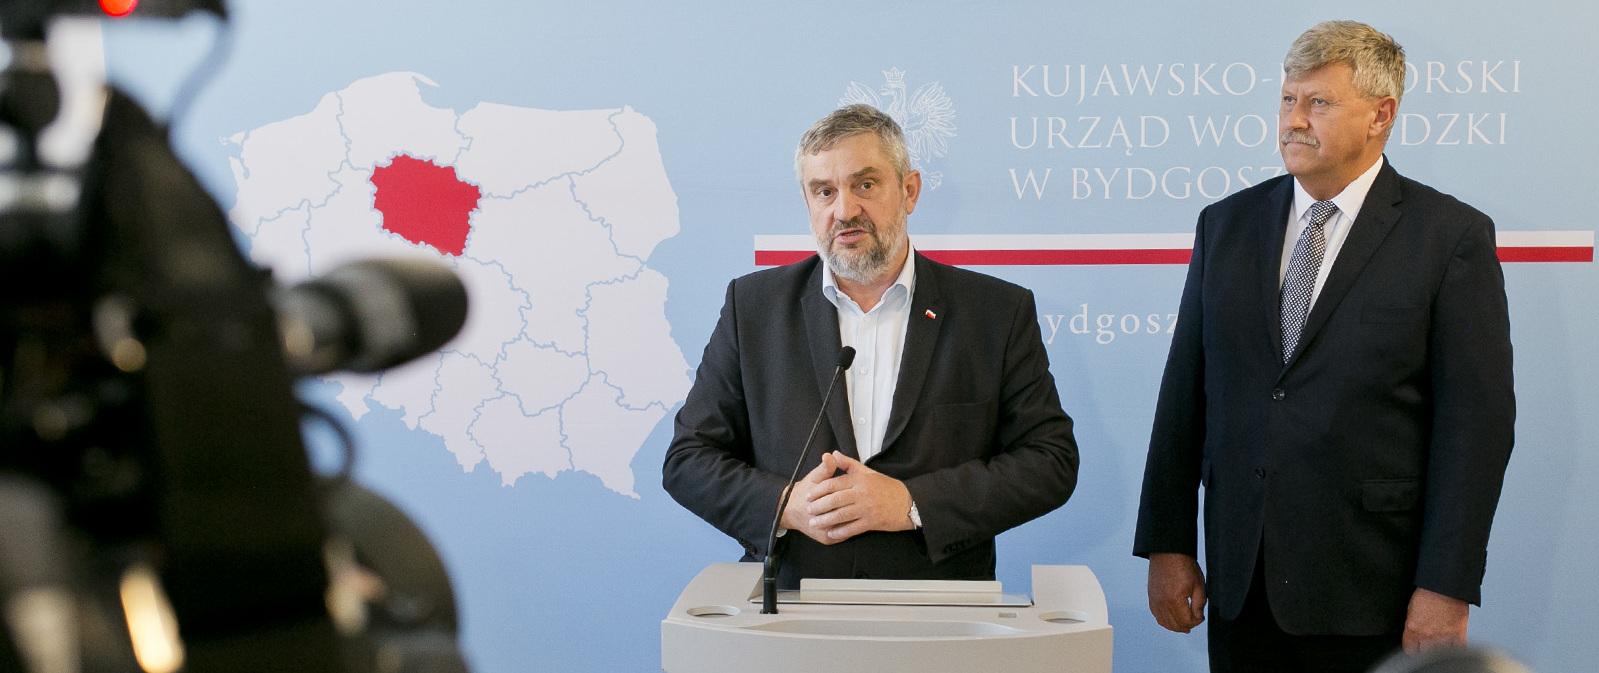 O Planie dla wsi w woj. kujawsko-pomorskim